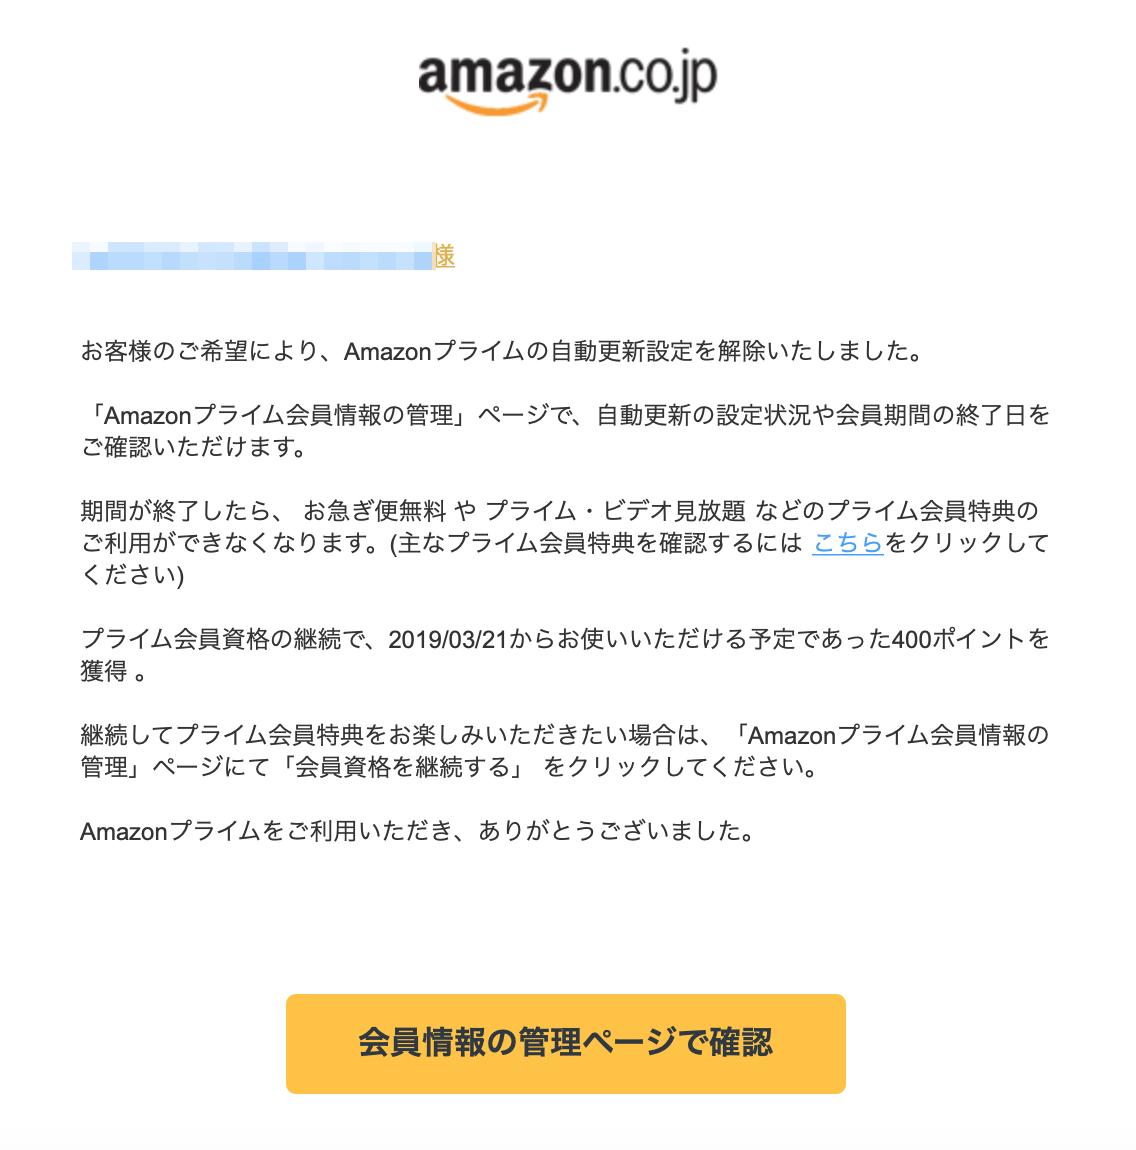 [緊急の通知] Amazonプライムの自動更新設定を解除いたしました!